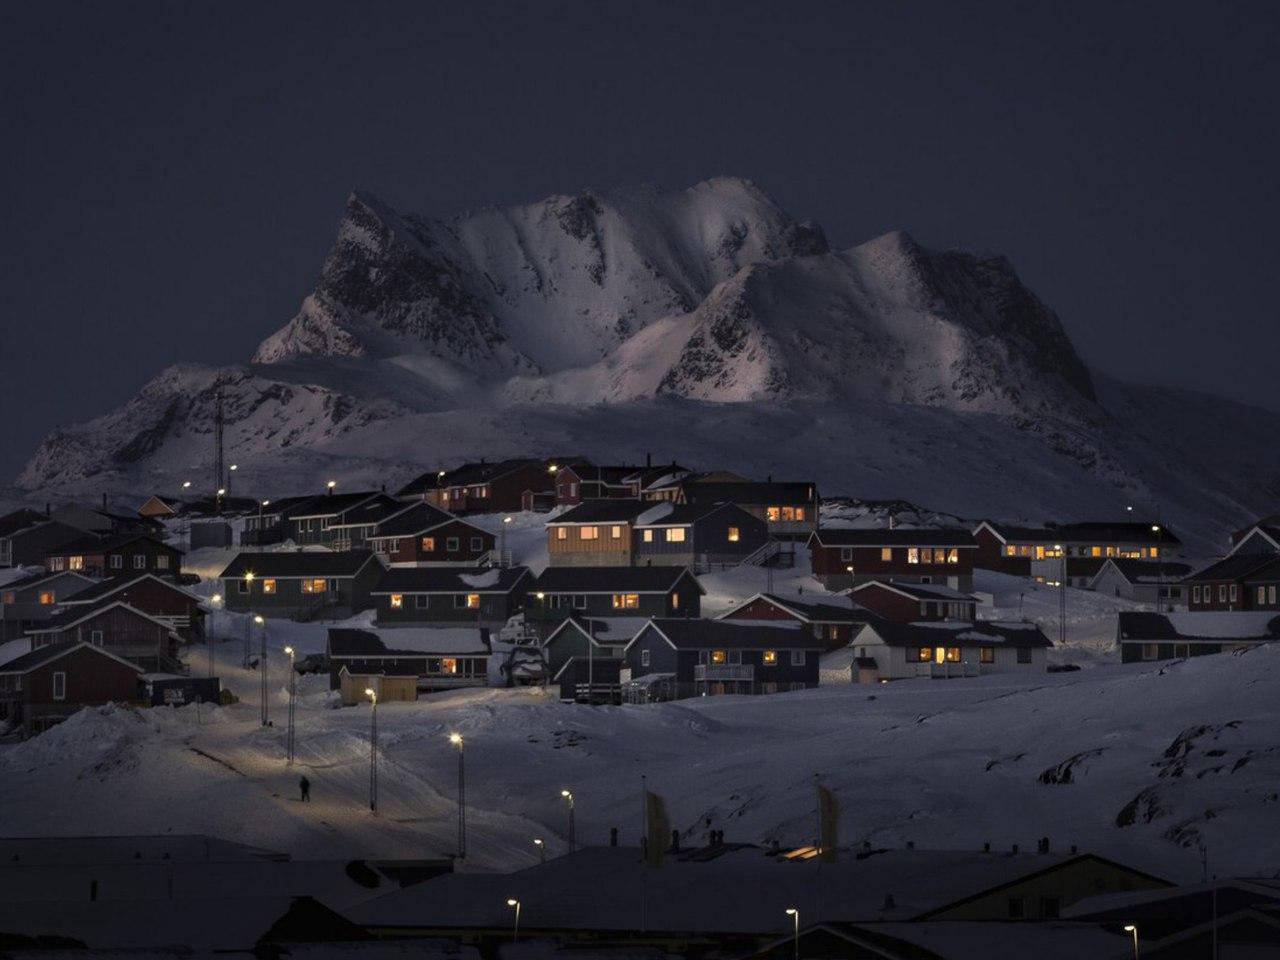 Ночь в Гренландии